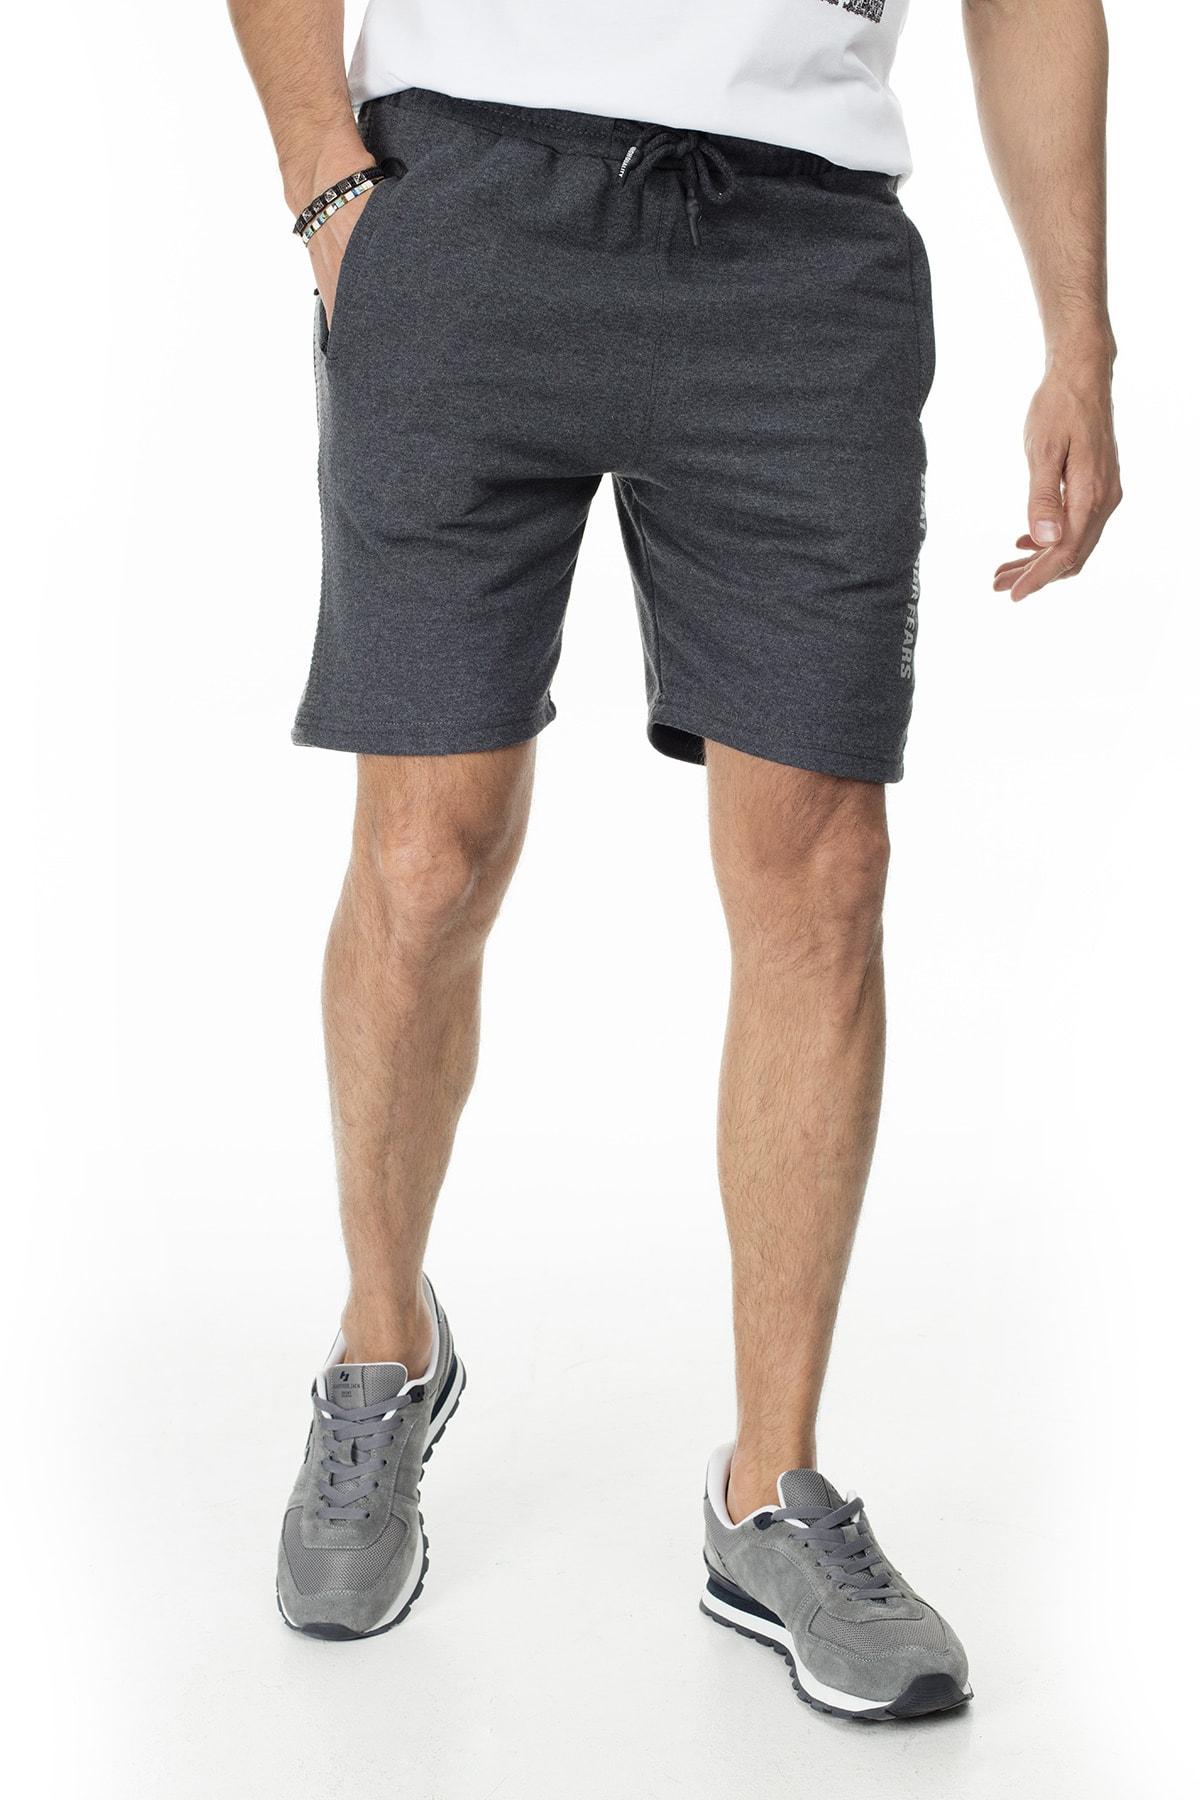 Buratti Erkek Siyah Elestan Cep Belden Bağlama Günlük Spor Slim Fit Short 568R165 1